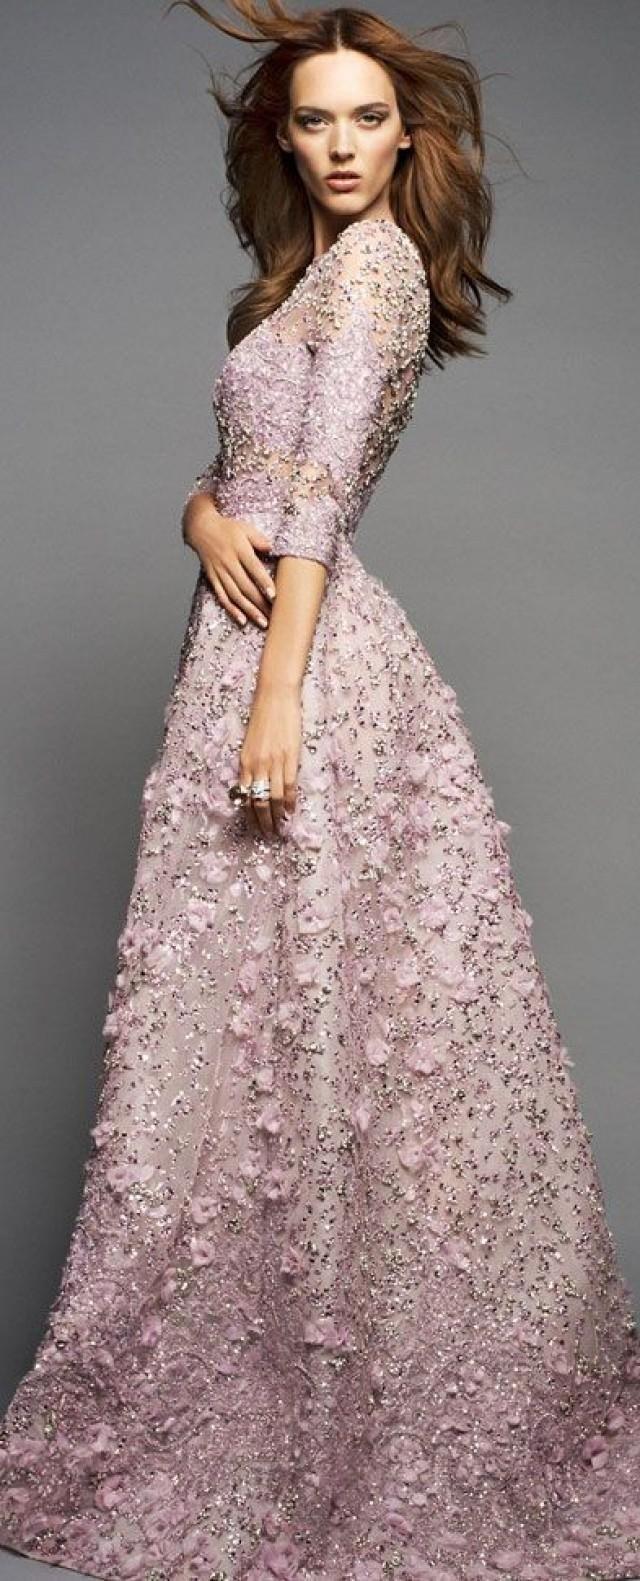 #Farbbberatung #Stilberatung #Farbenreich mit www.farben-reich.com Elie Saab Haute Couture